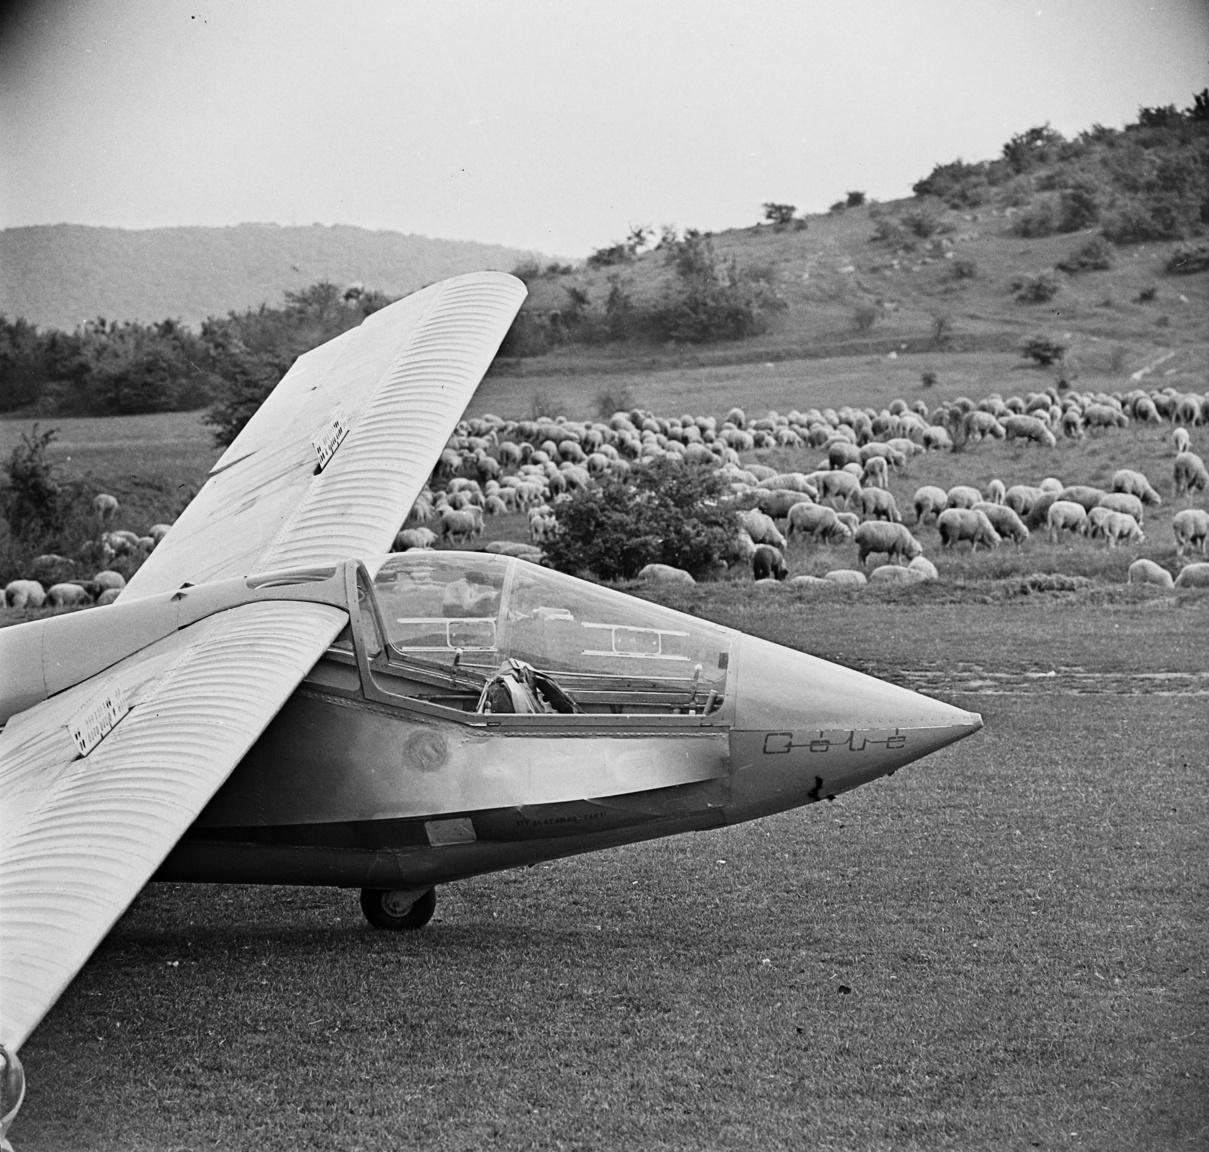 (Rubik) R-26 Góbé vitorlázó repülőgép az alsó repülőtéren, háttérben a Vöröskövár szélével és a reptér füvét nyíró birkanyájjal. Hármashatár-hegy,1968.                         Ja, hogy ne itt tegyem le, hanem ott a Vöröskővár alatti nagy réten! Igaza lesz, ott nincs domboldal ami belezavarna. Hepehupás meg tele van ürgelyukkal. Na, végre sikerült! Szeretem, amikor csúszik a gép a talpán, és nagyokat ugrik.